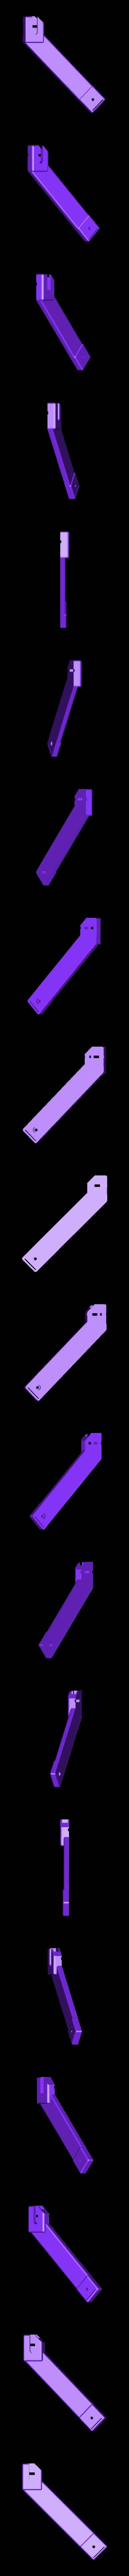 Raspberry_Pi_camera_bed_mount_Angle_Long_Left.stl Télécharger fichier STL gratuit Prusa i3 MK3 MK3 Raspberry Pi Monture de lit pour appareil photo - Mise à jour • Plan pour impression 3D, petclaud